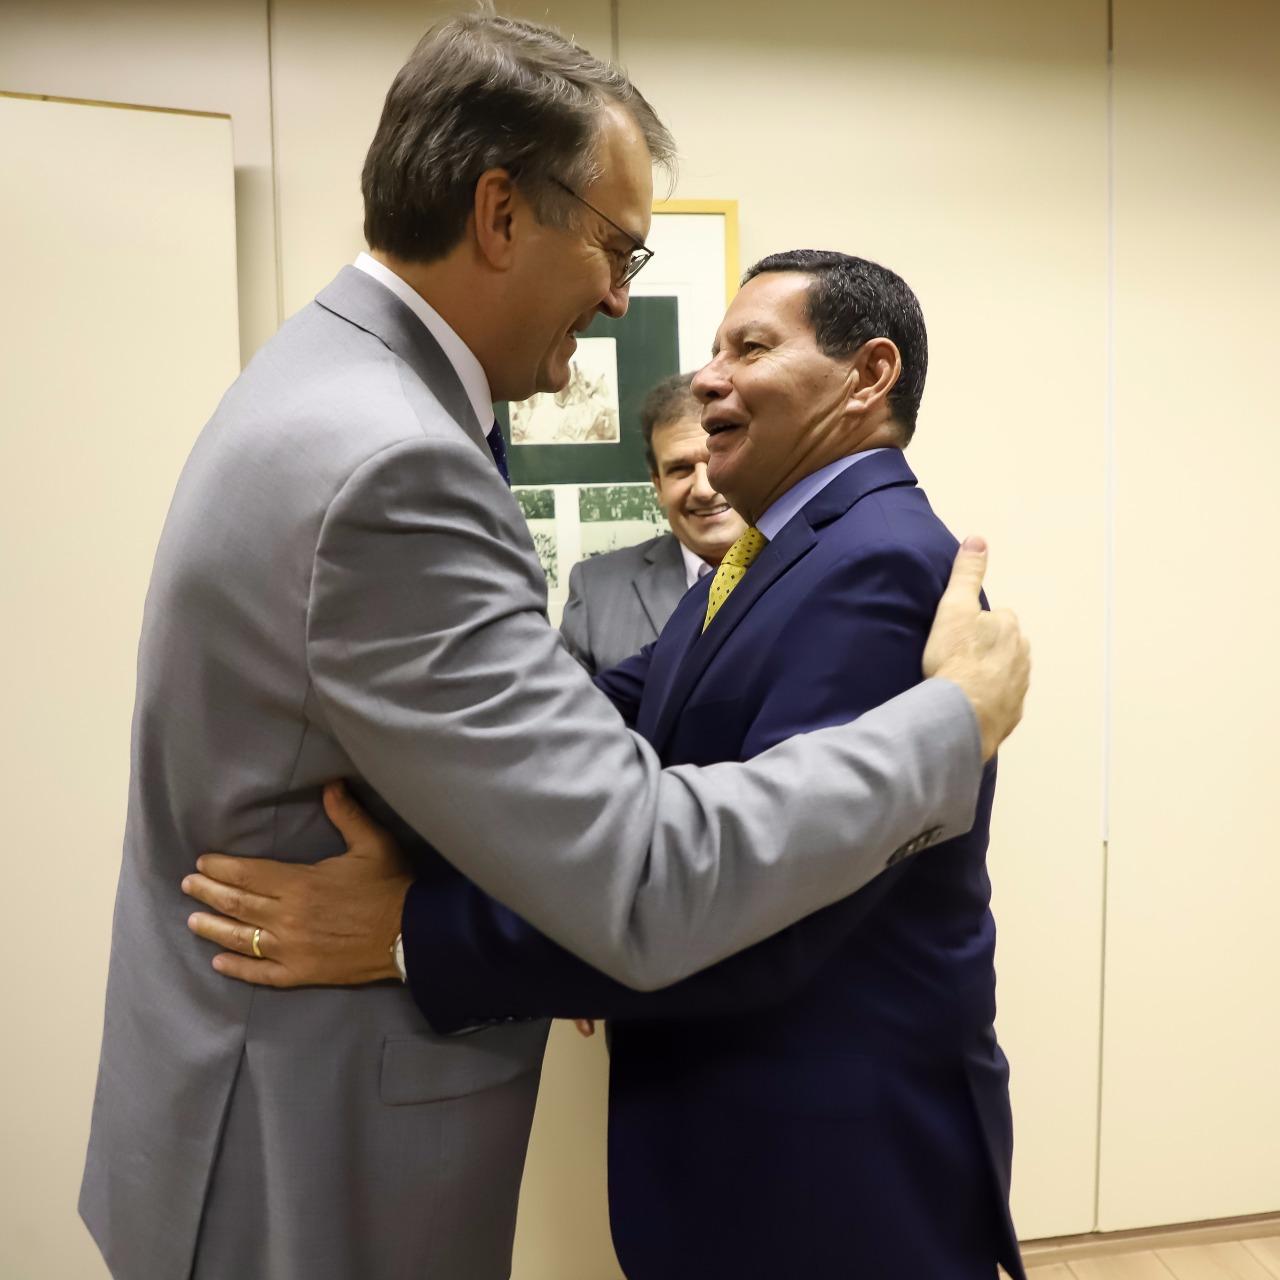 Foto colorida em que Burmann e Mourão aparecem de lado, se abraçando e conversando. Atrás, um homem observa